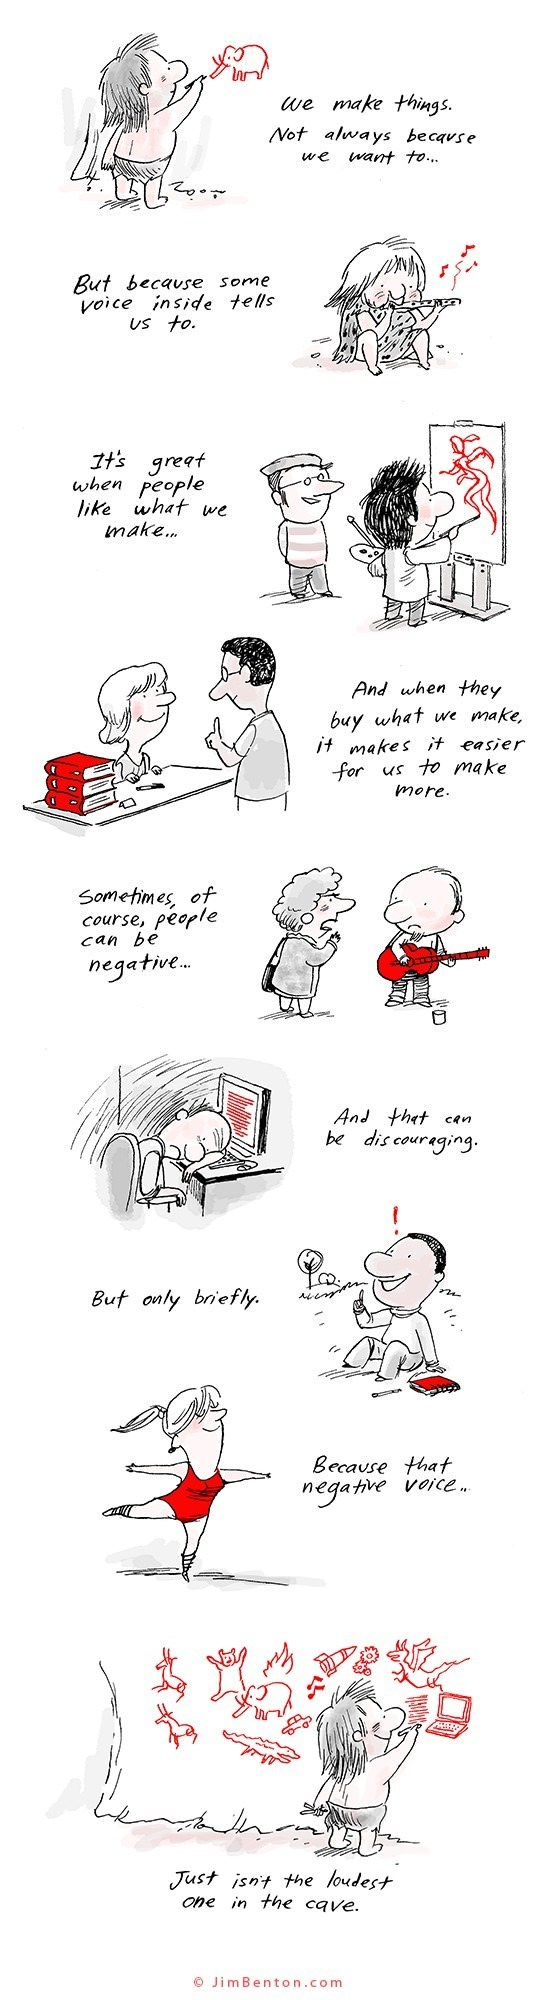 funny-web-comics-is-art-a-mental-disease